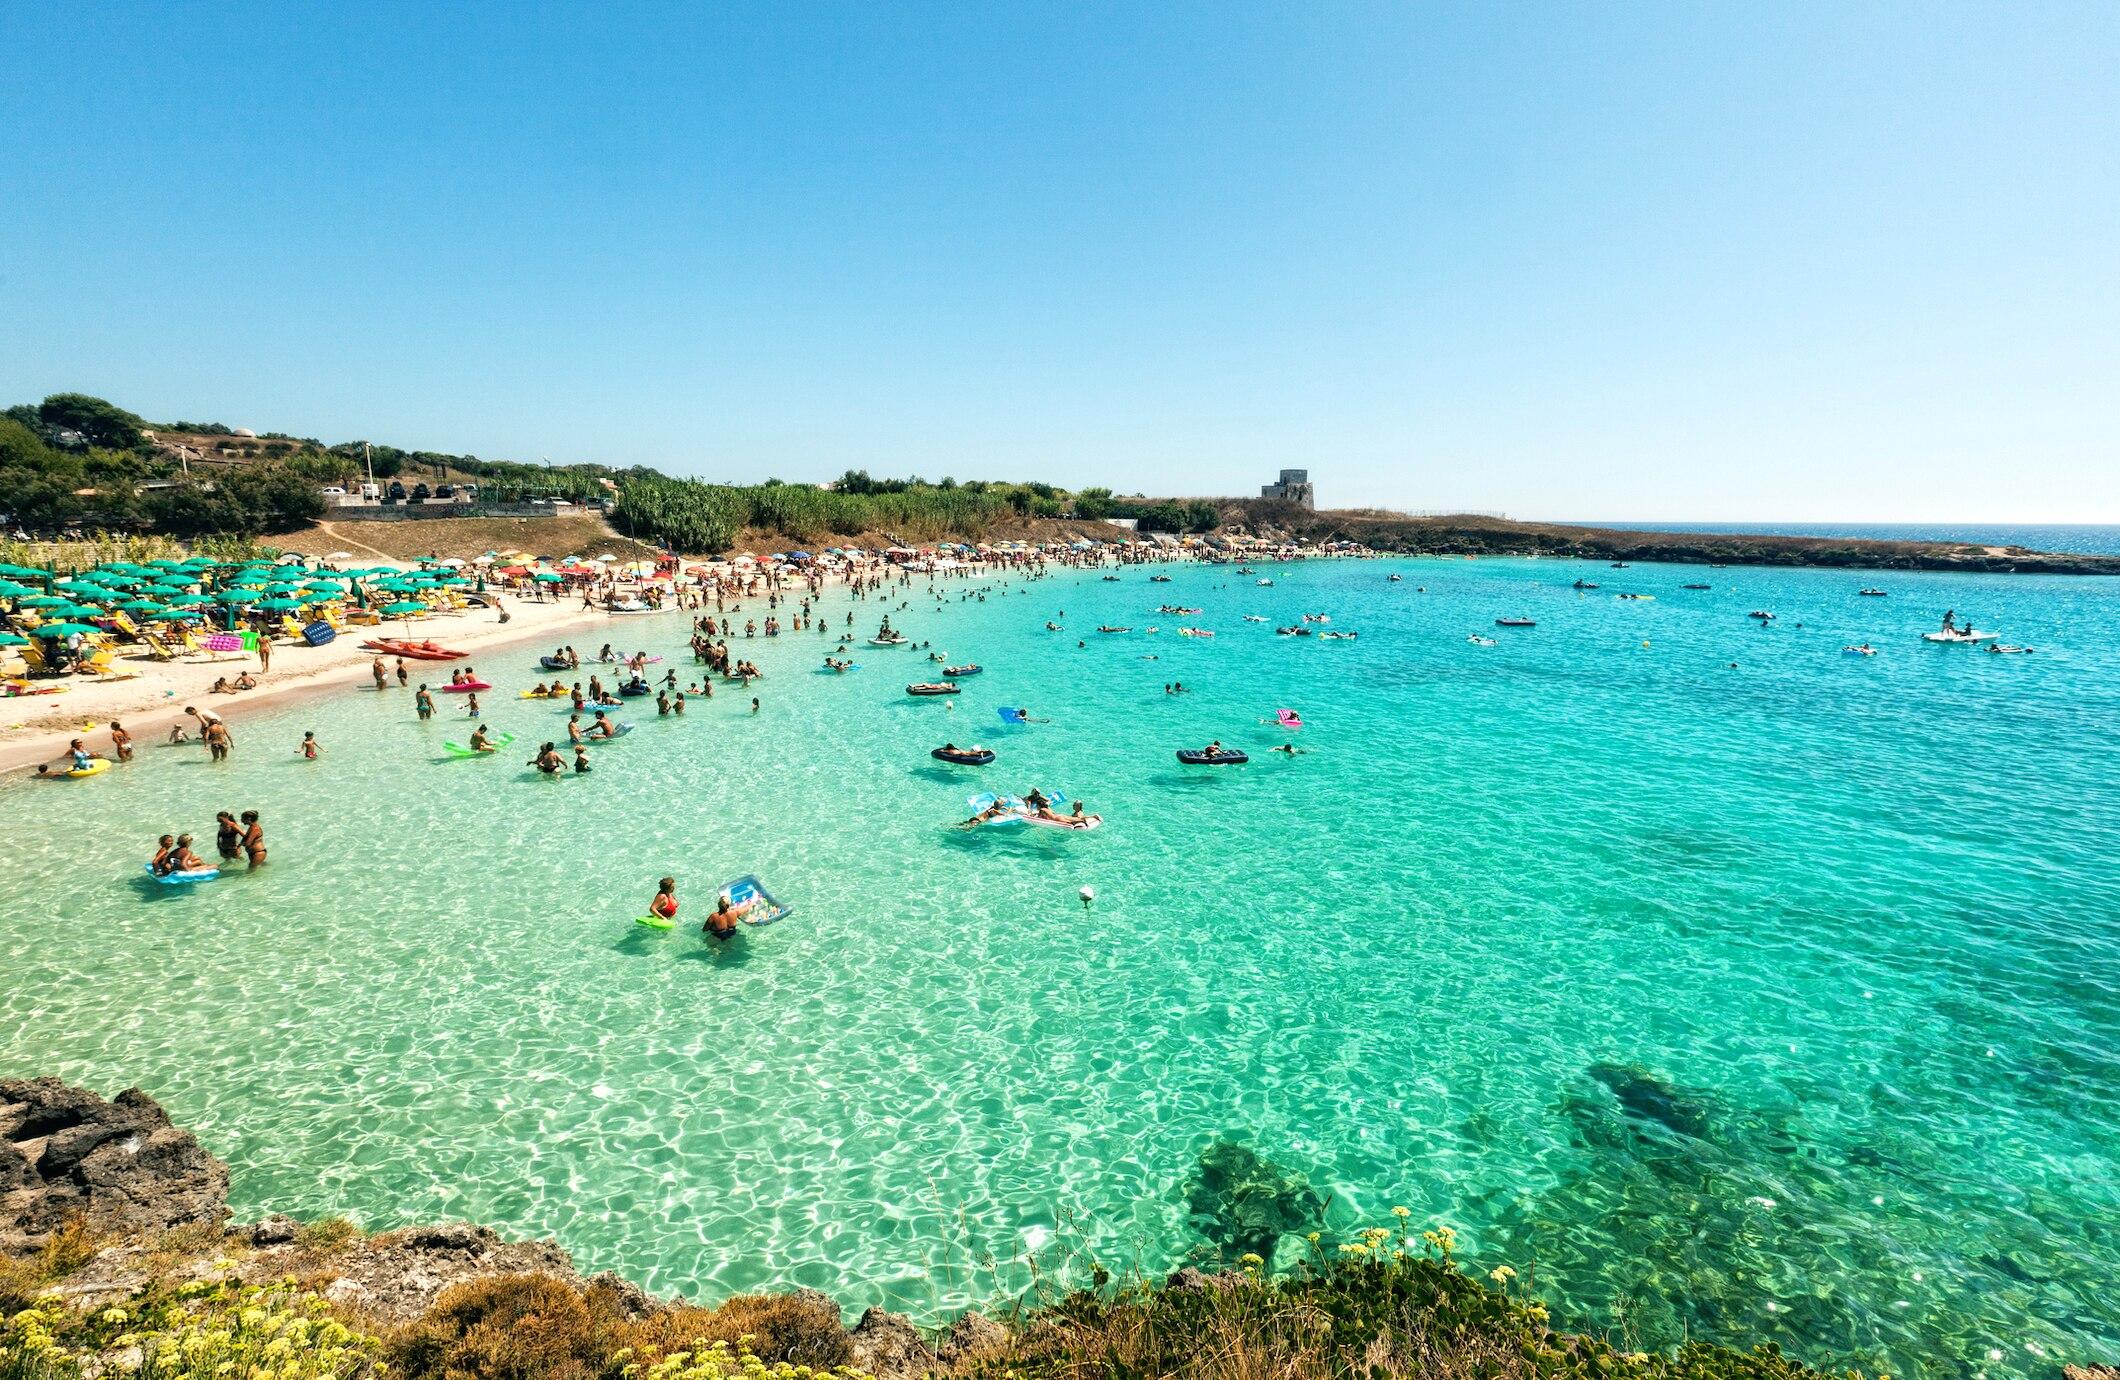 Ein Meer wie in der Karibik finden Urlauber an der Innenseite des Stiefelabsatzes zwischen Gallipoli und Taranto